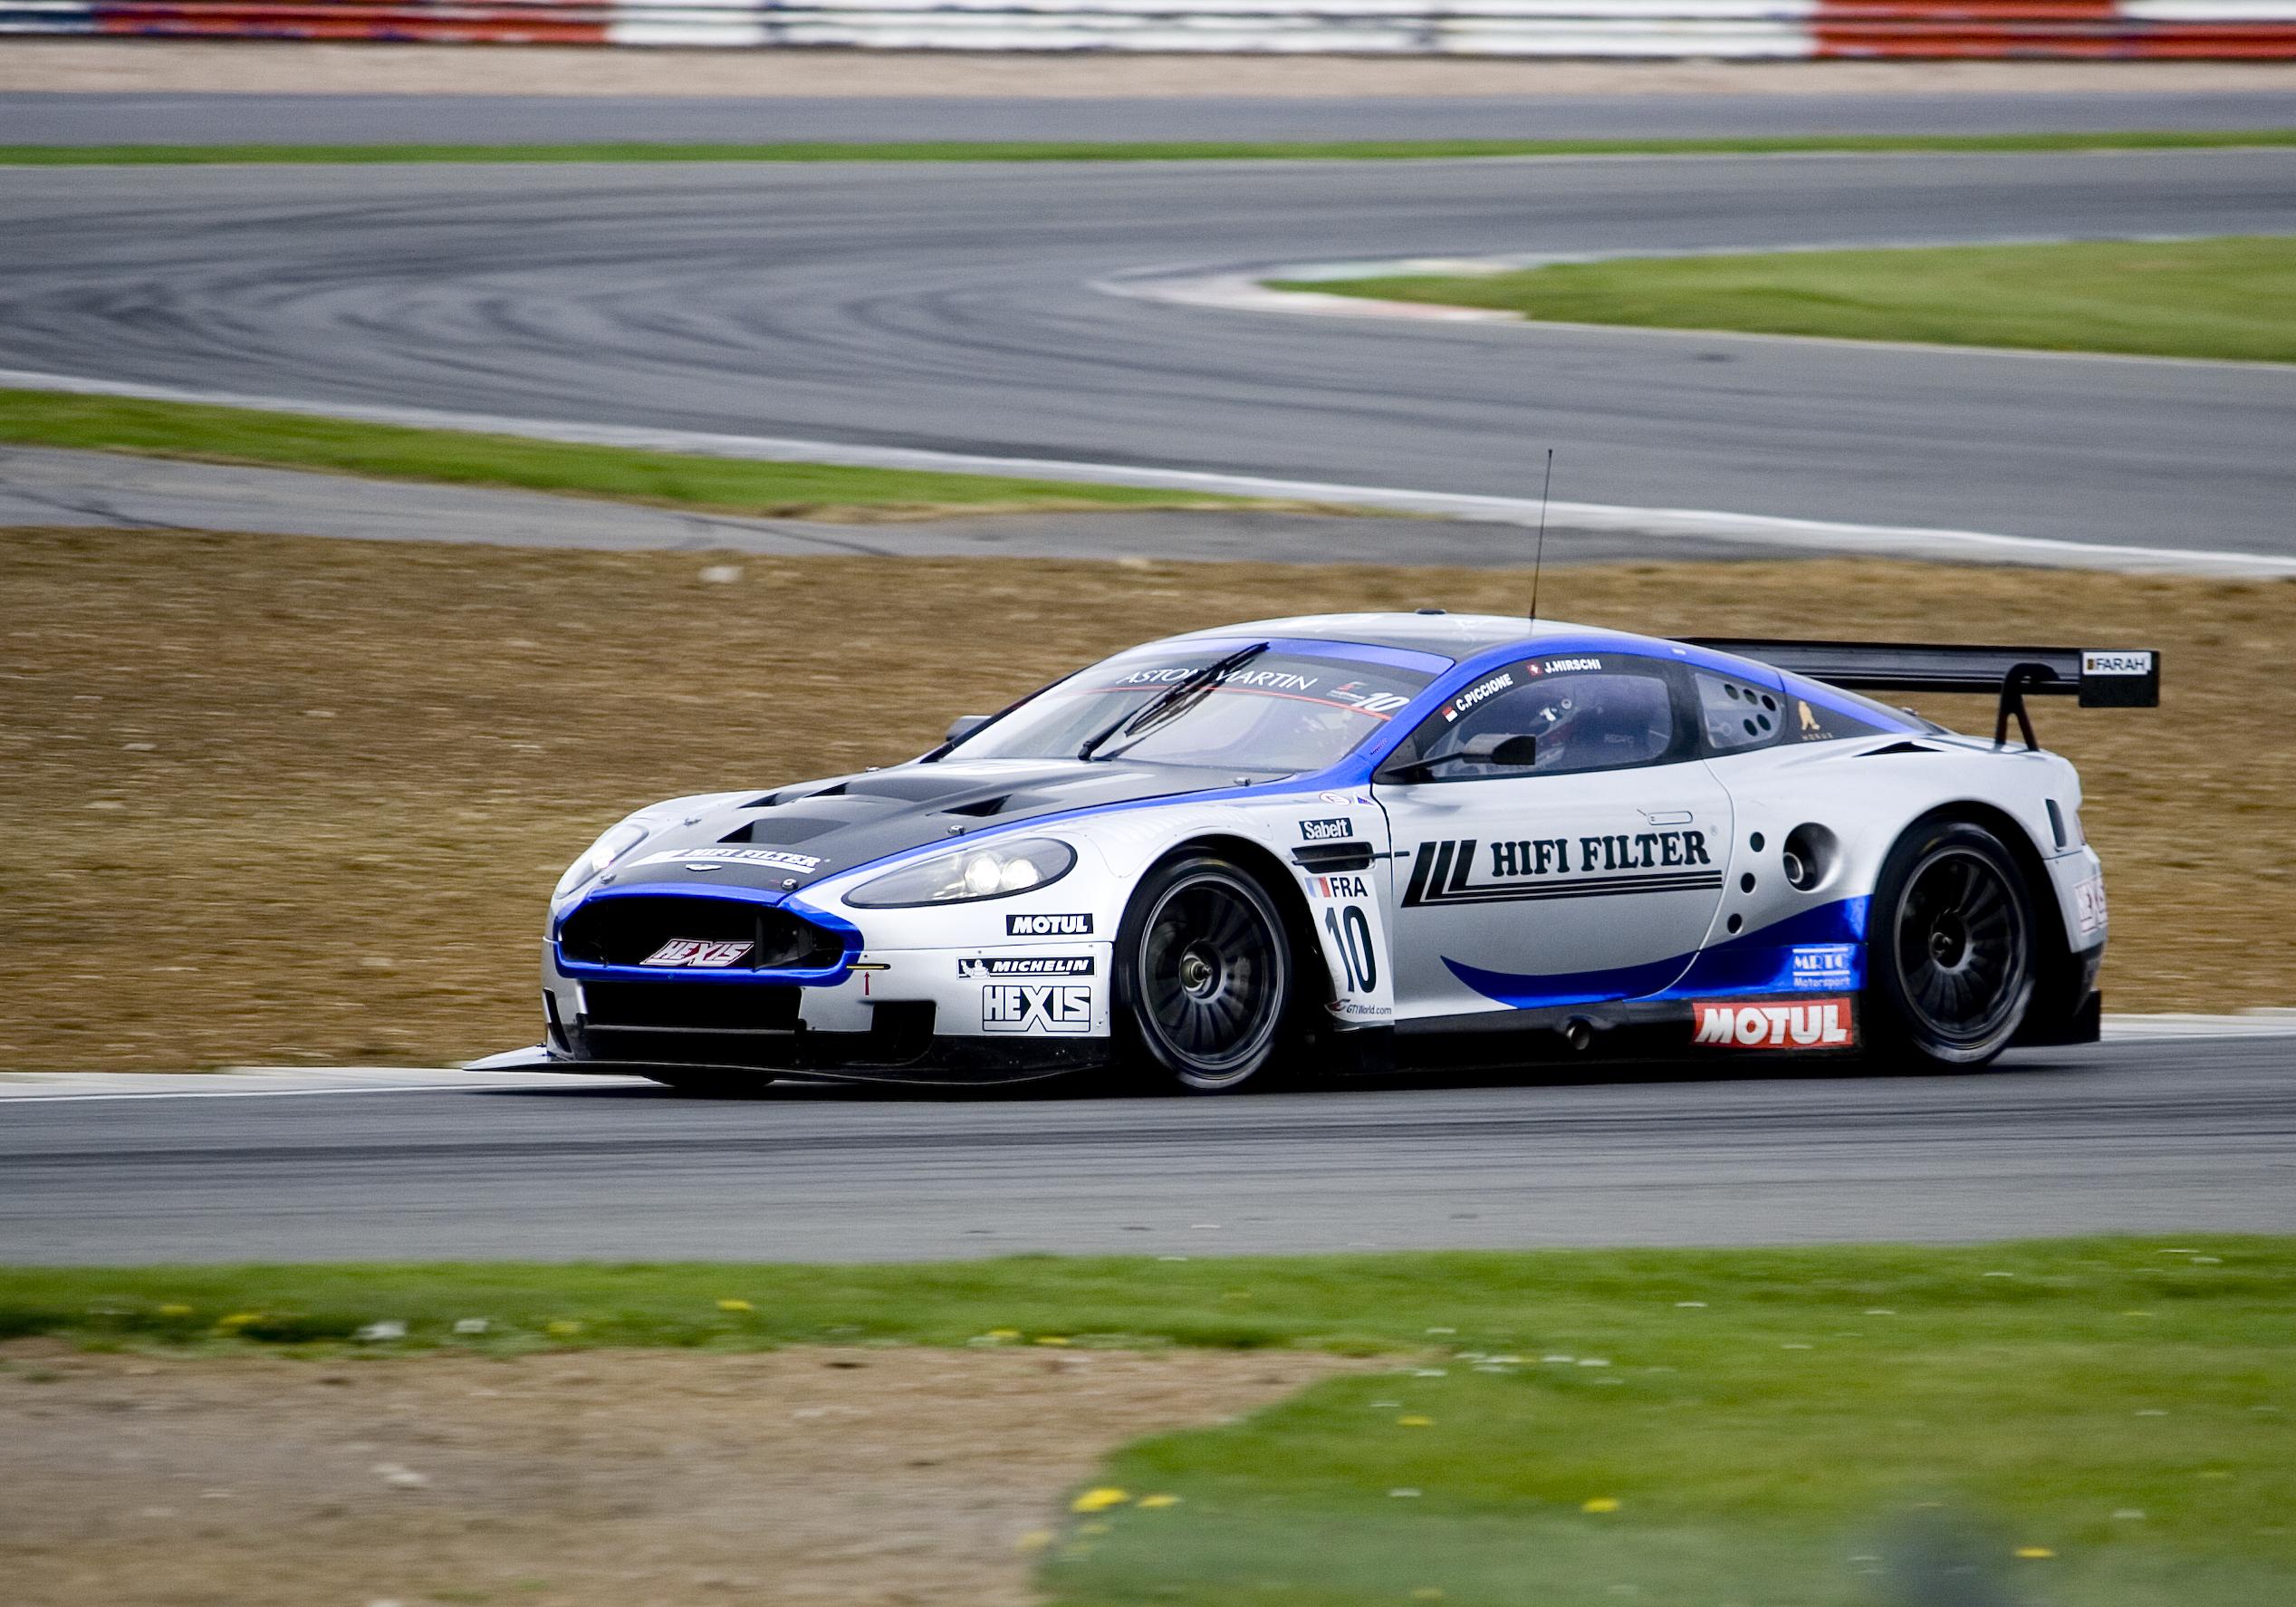 2010年のFIA GT1<b>世界選手権</b> - Wikipedia